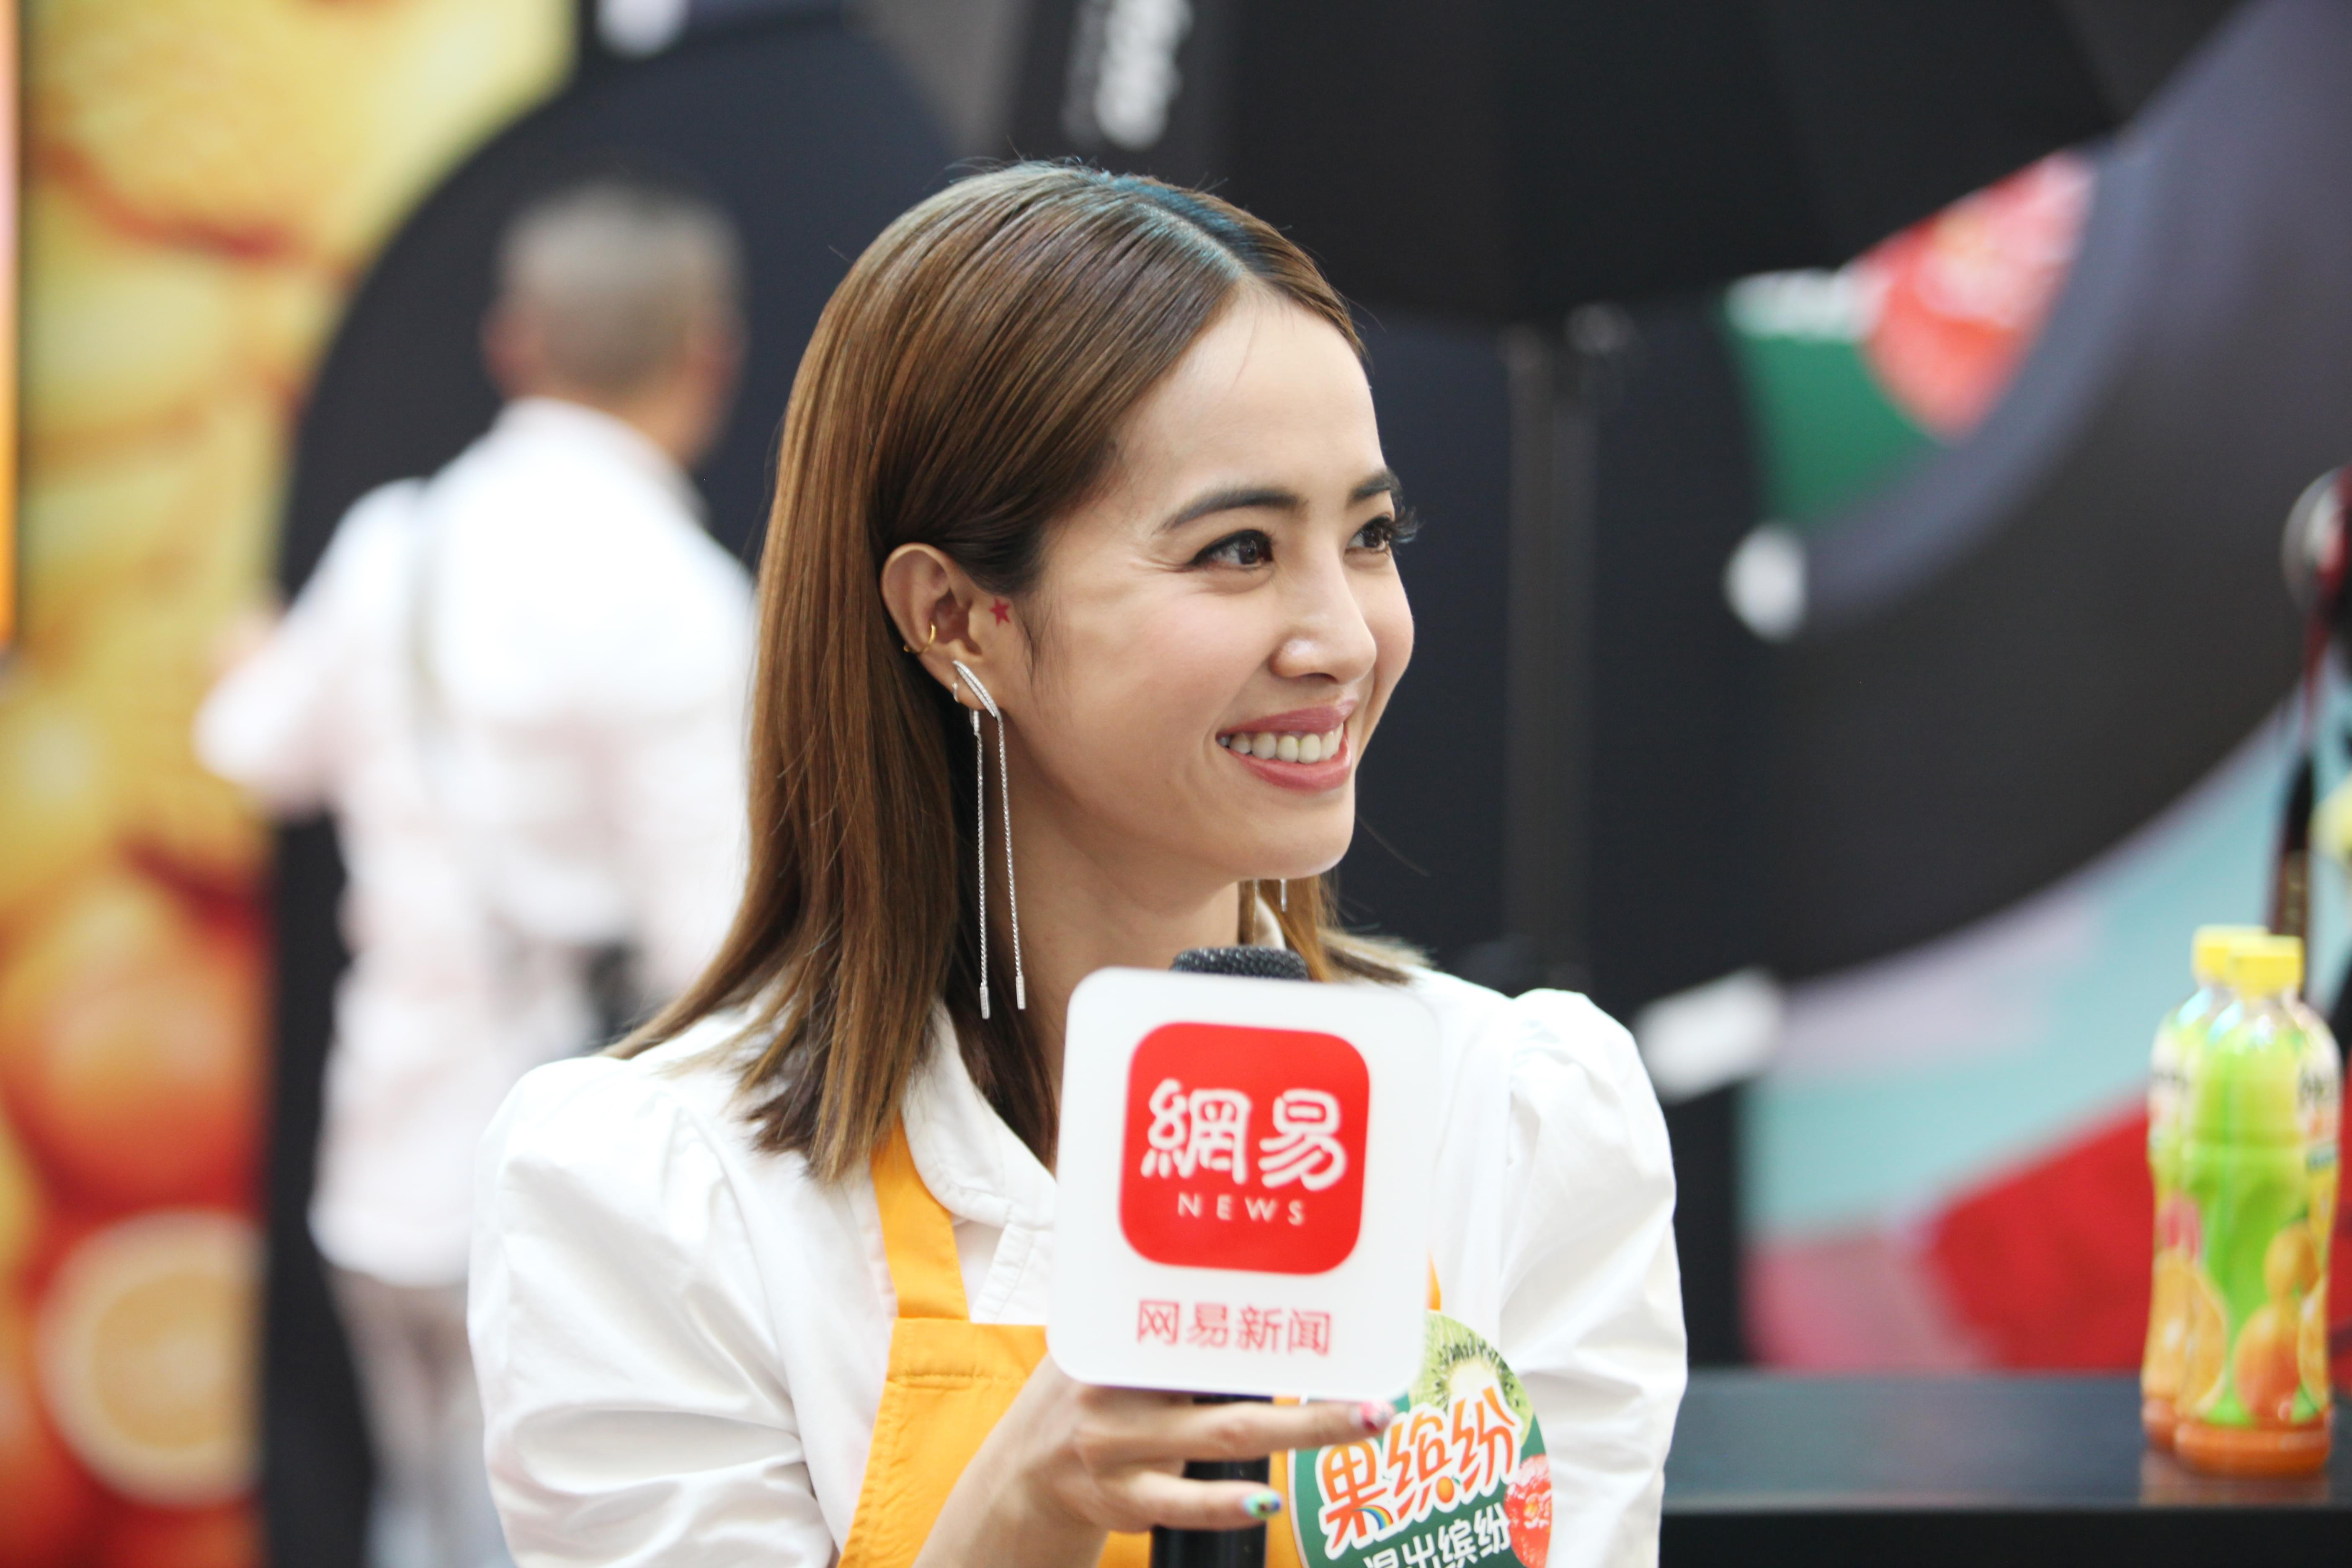 蔡依林专访:自拍以自己漂亮为主!